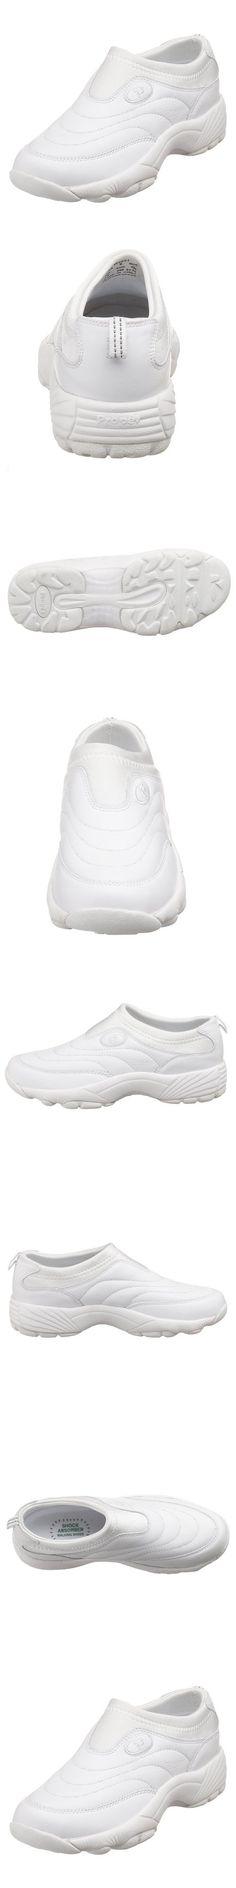 Propet Women's W3851 Wash & Wear Slip-On,White,9.5 M (US Women's 9.5 B)